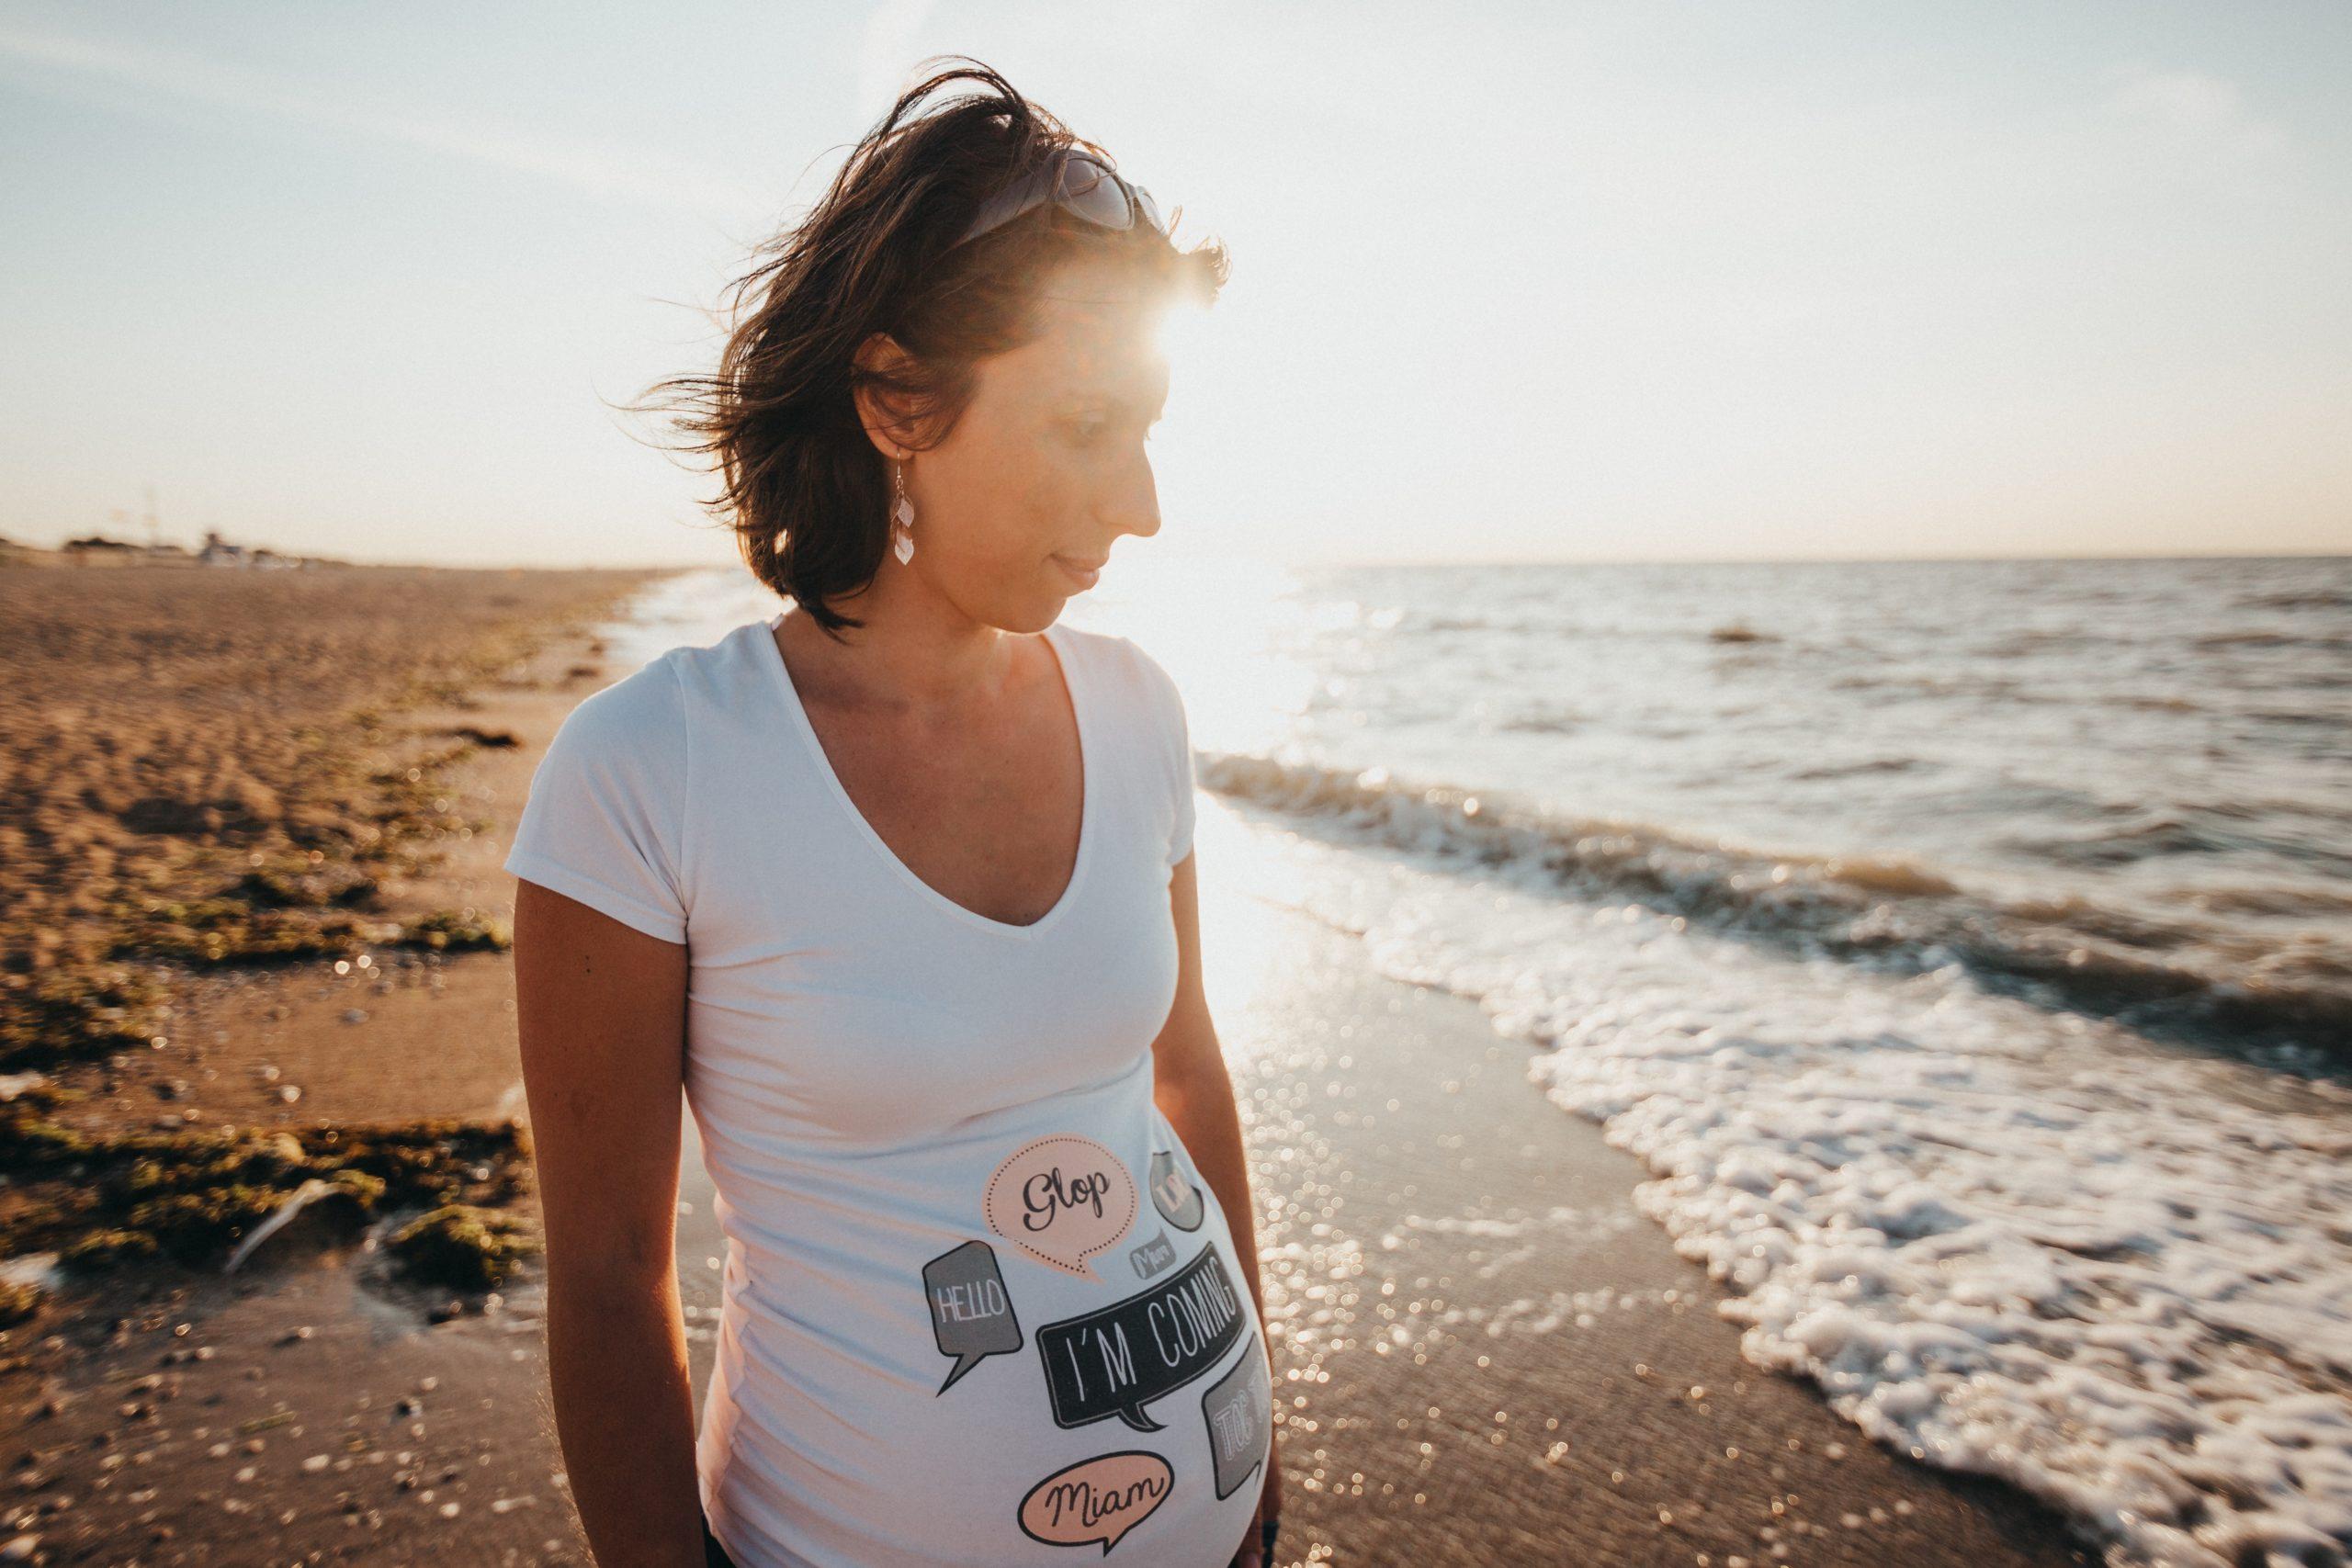 Schwangere Frau am Strand - Schwangerschaft